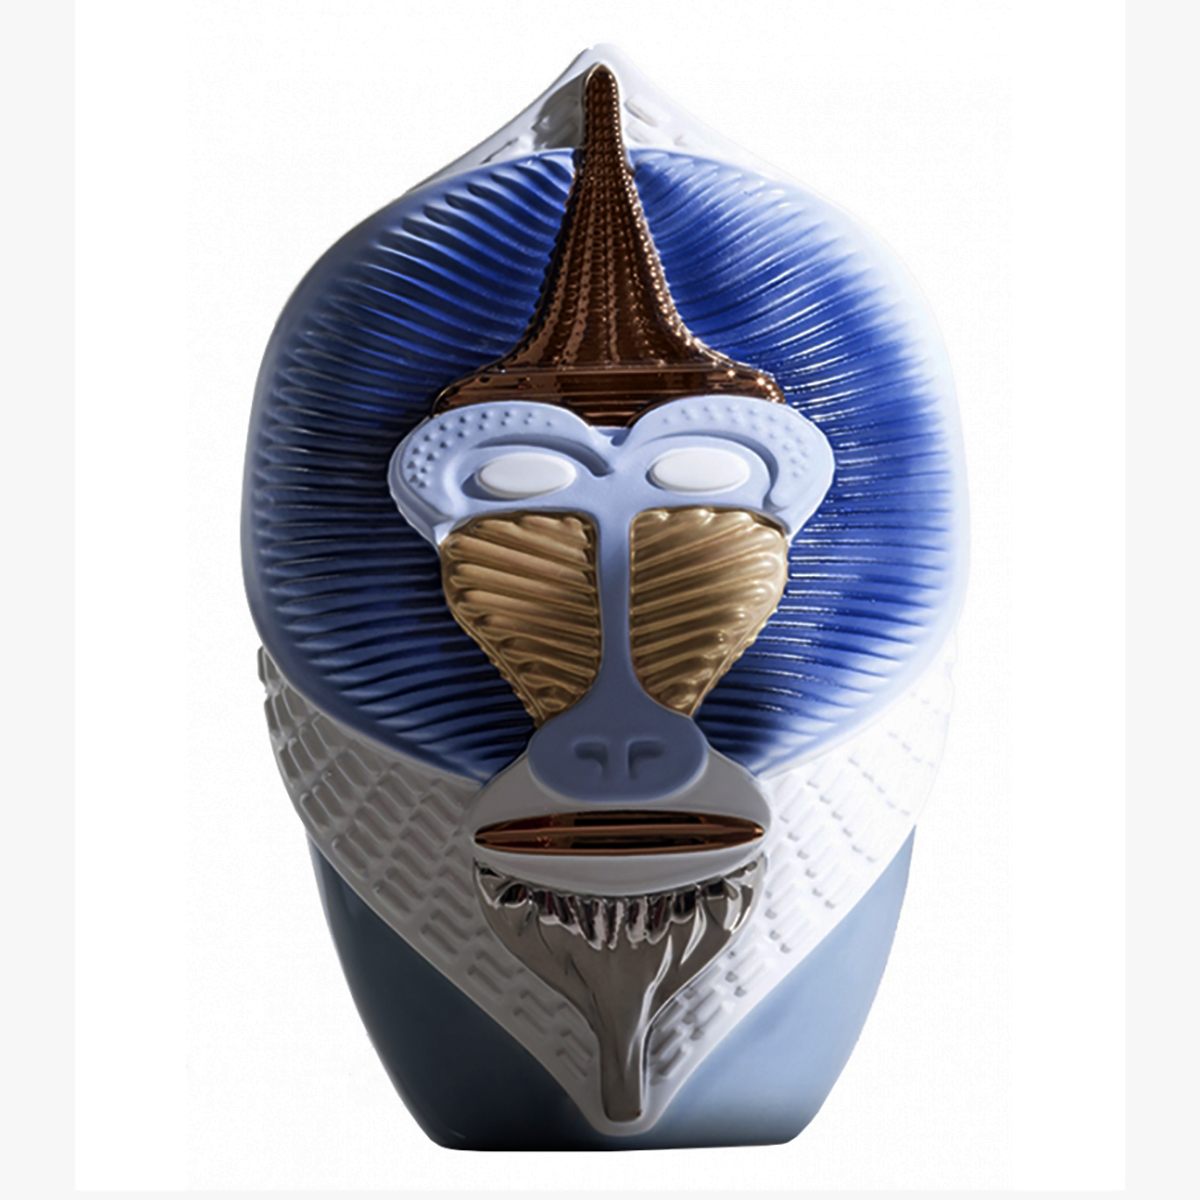 Vase Mandrillus Blå/Hvit